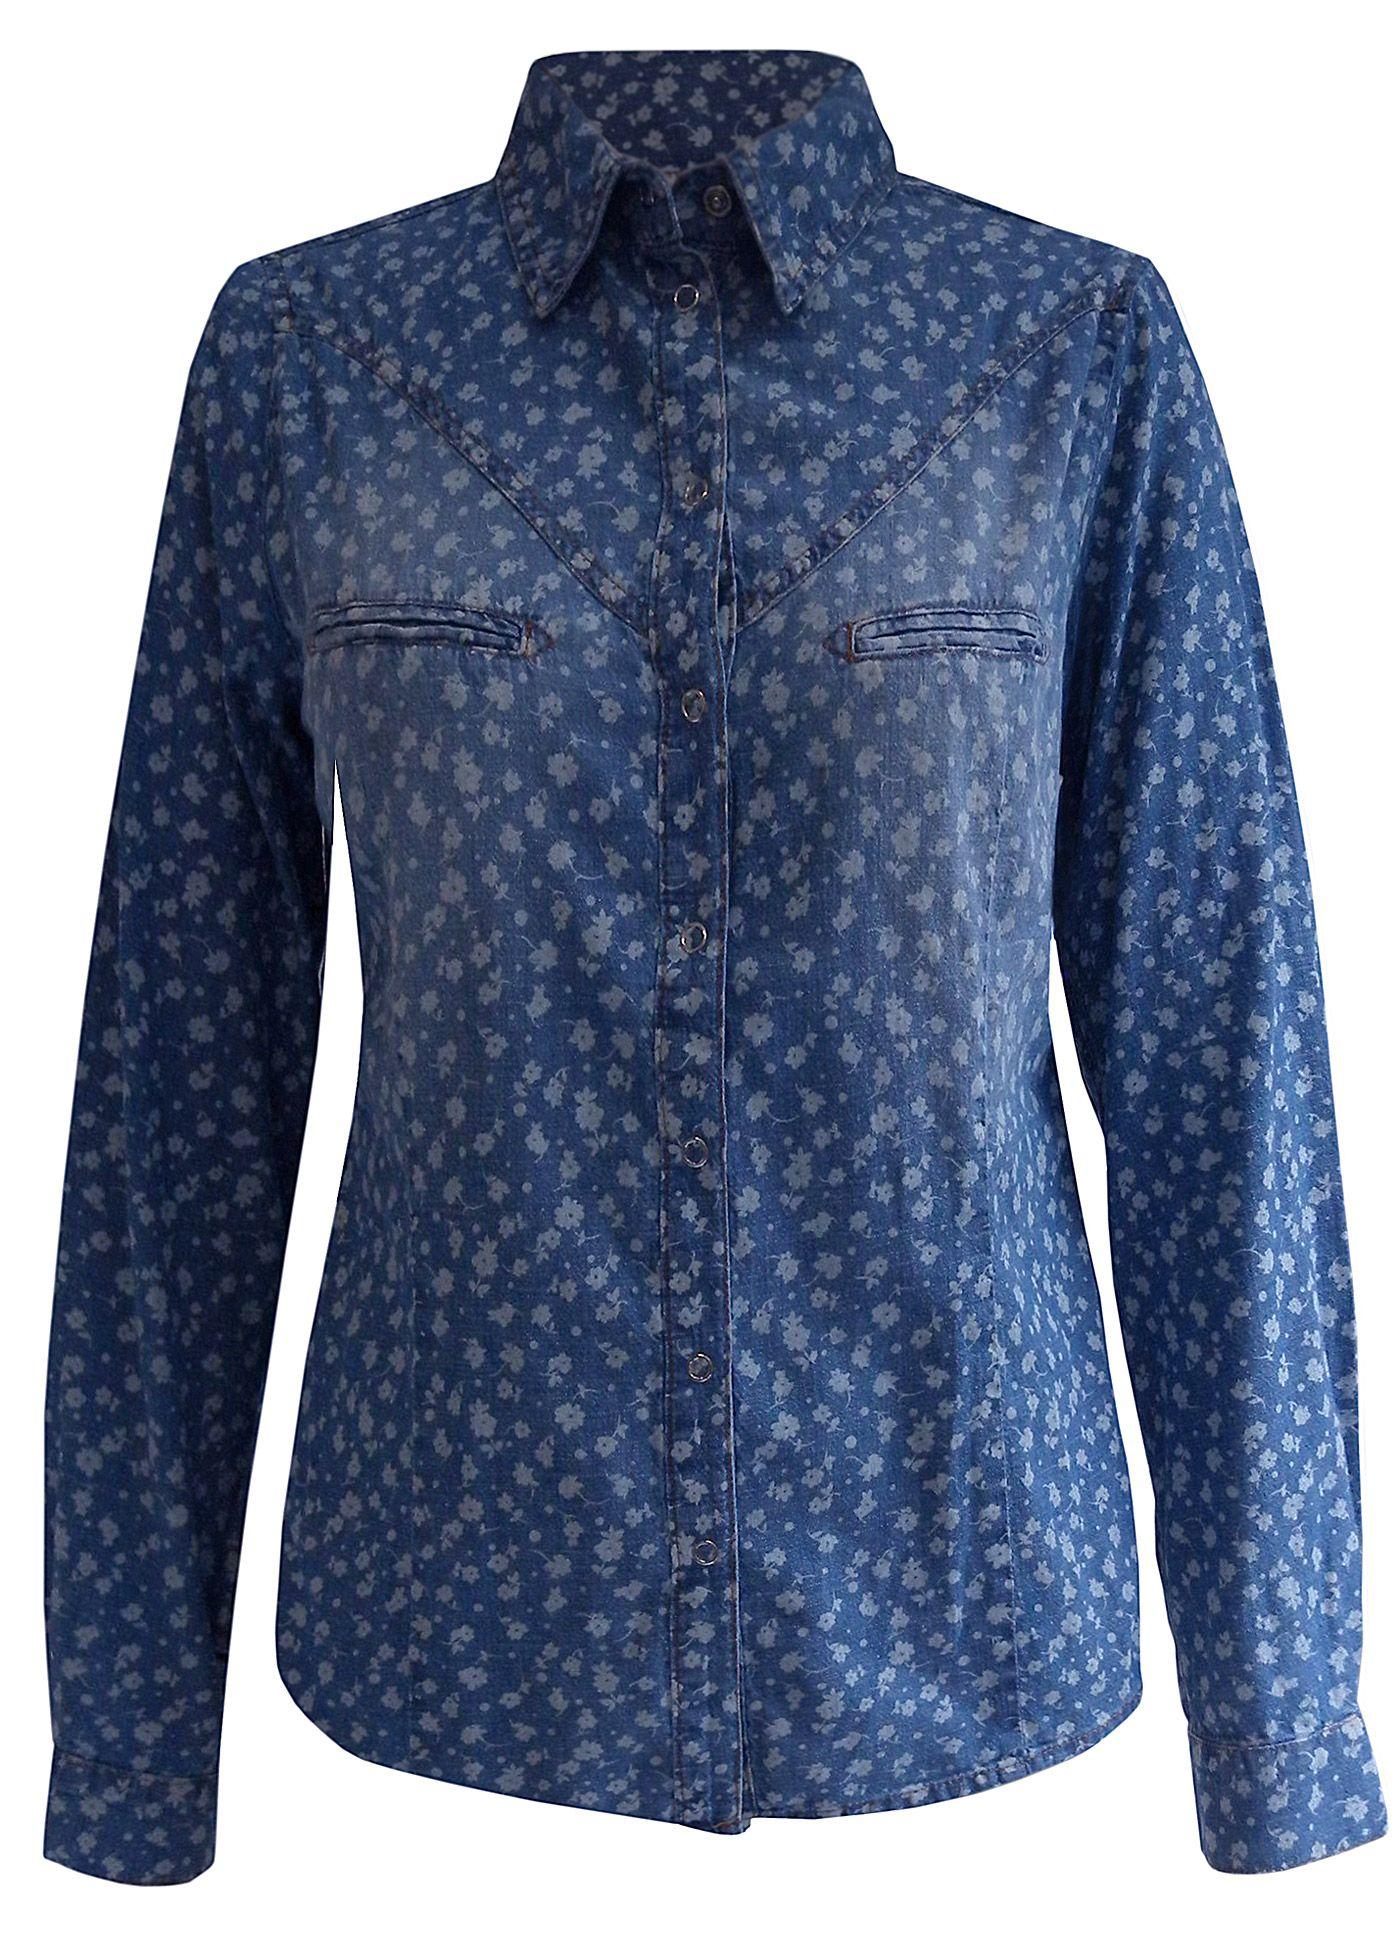 4df8af9c4aef Camisa jeans estampada, manga longa azul estampado círculos - Moda Feminina  - bonprix.de